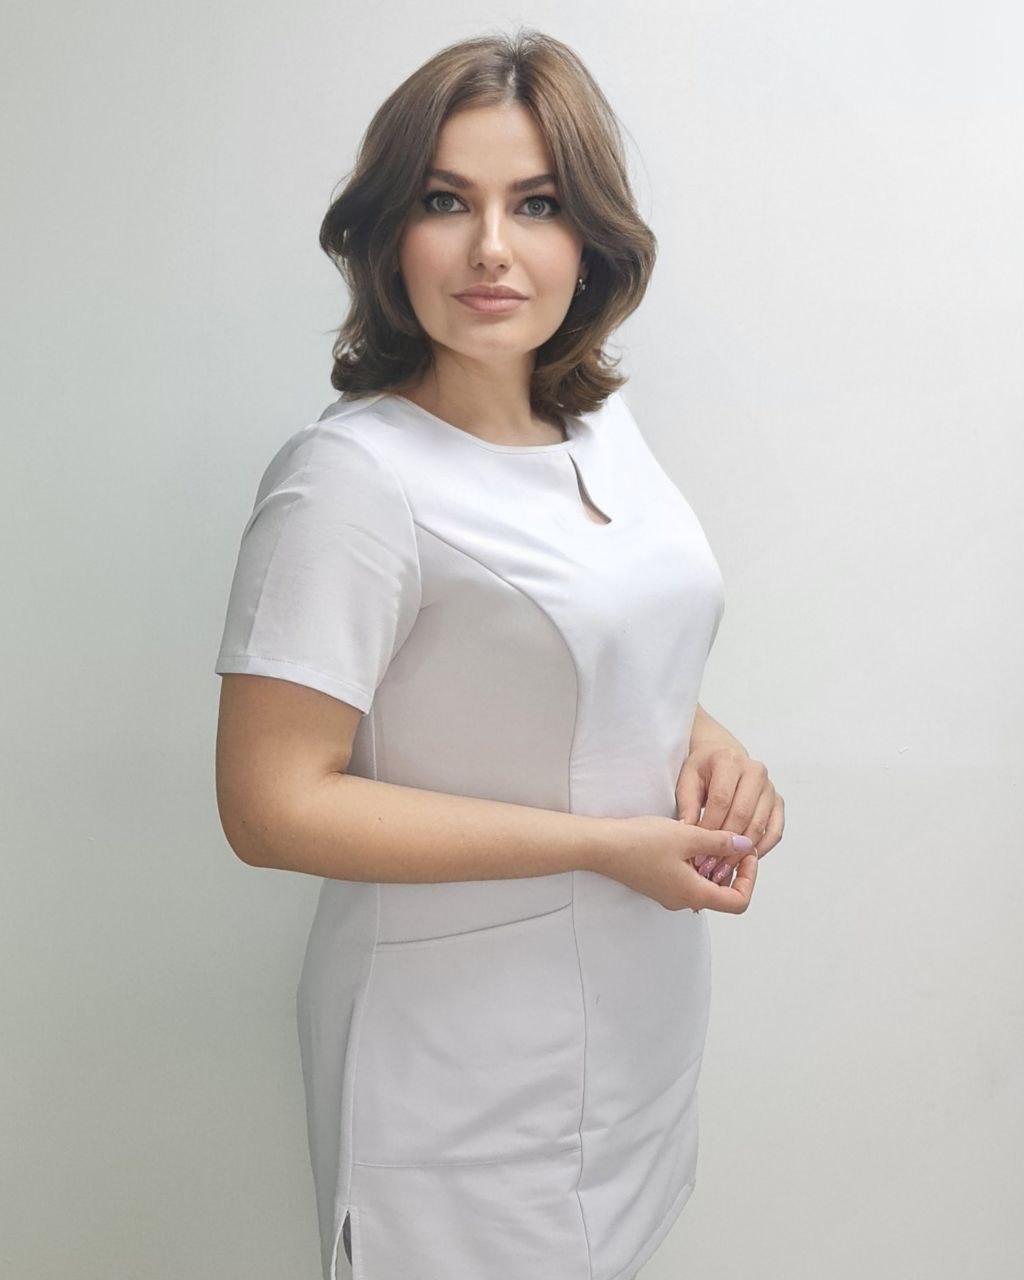 Абрамова Виктория Юрьевна